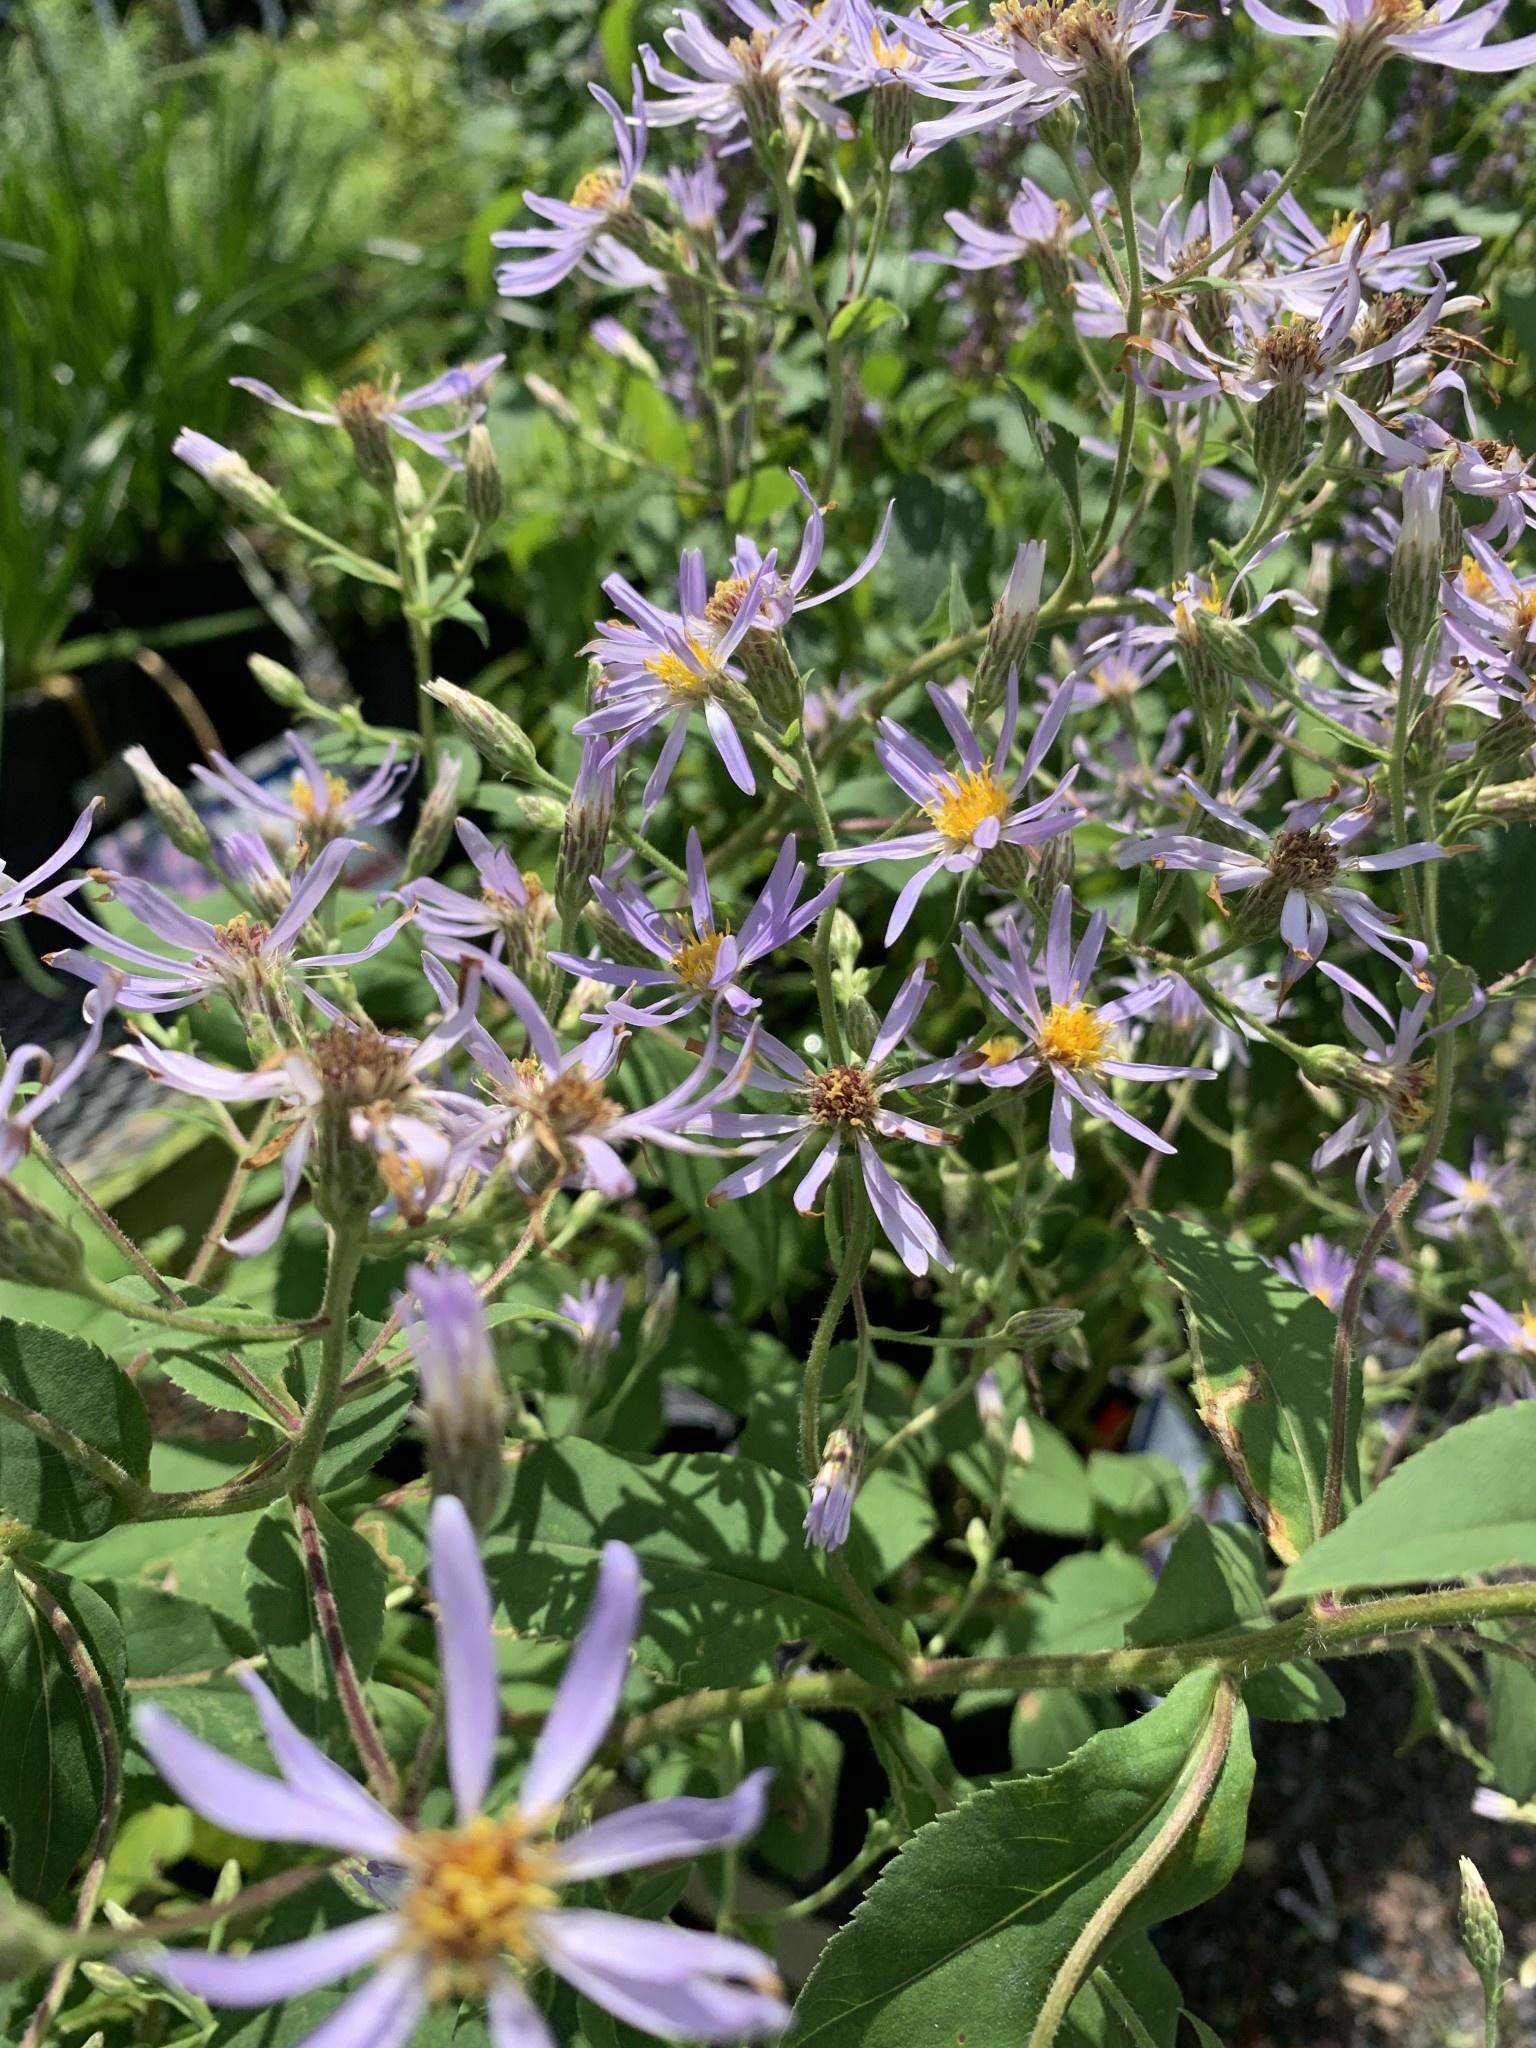 Aster macrophyllus Twilight, Bigleaf Aster #1